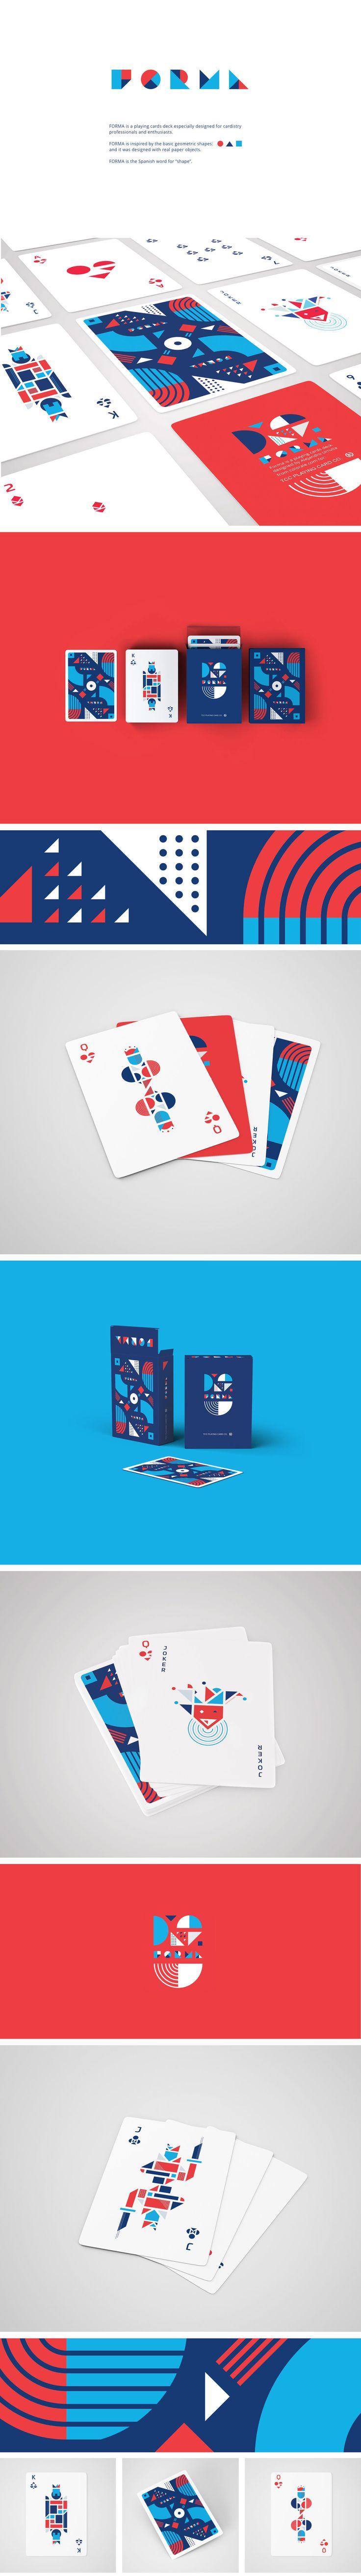 Un jeu de carte qui prend une toute nouvelle dimension grâce à Ale Urrutia. Le rendu est très frais, graphique et redonne une jeunesse à un classique